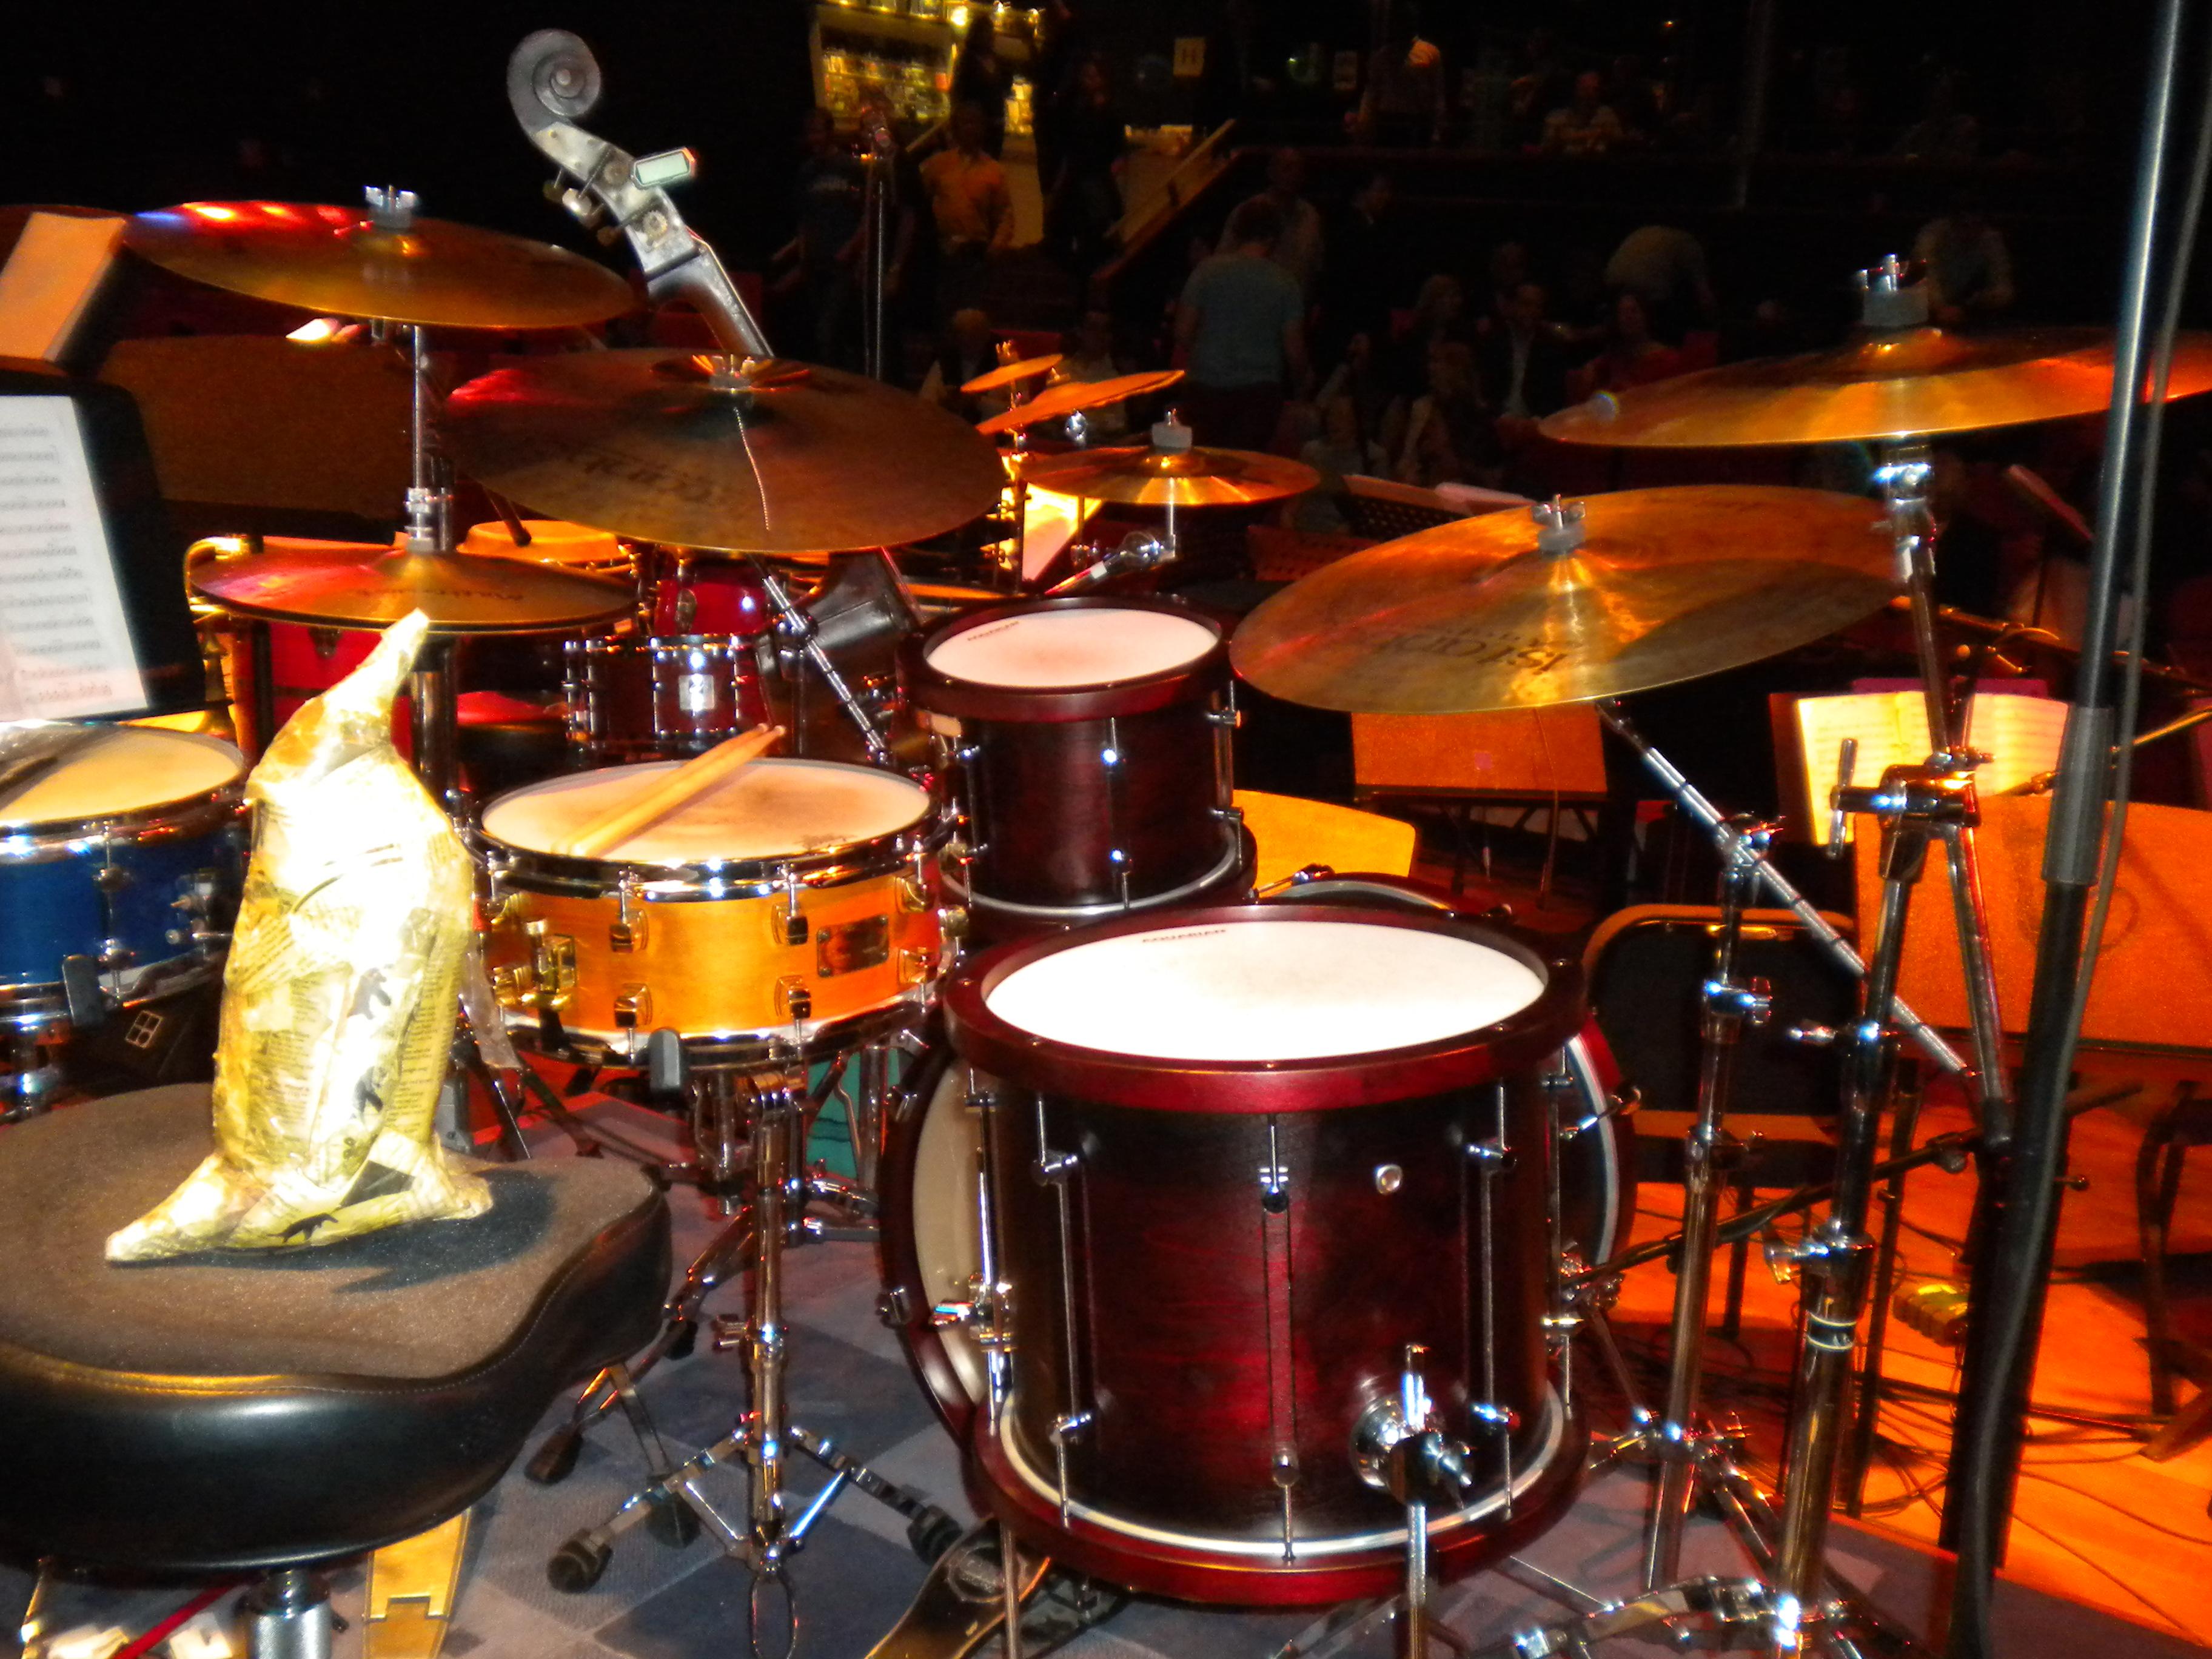 20110925 3 drums.JPG